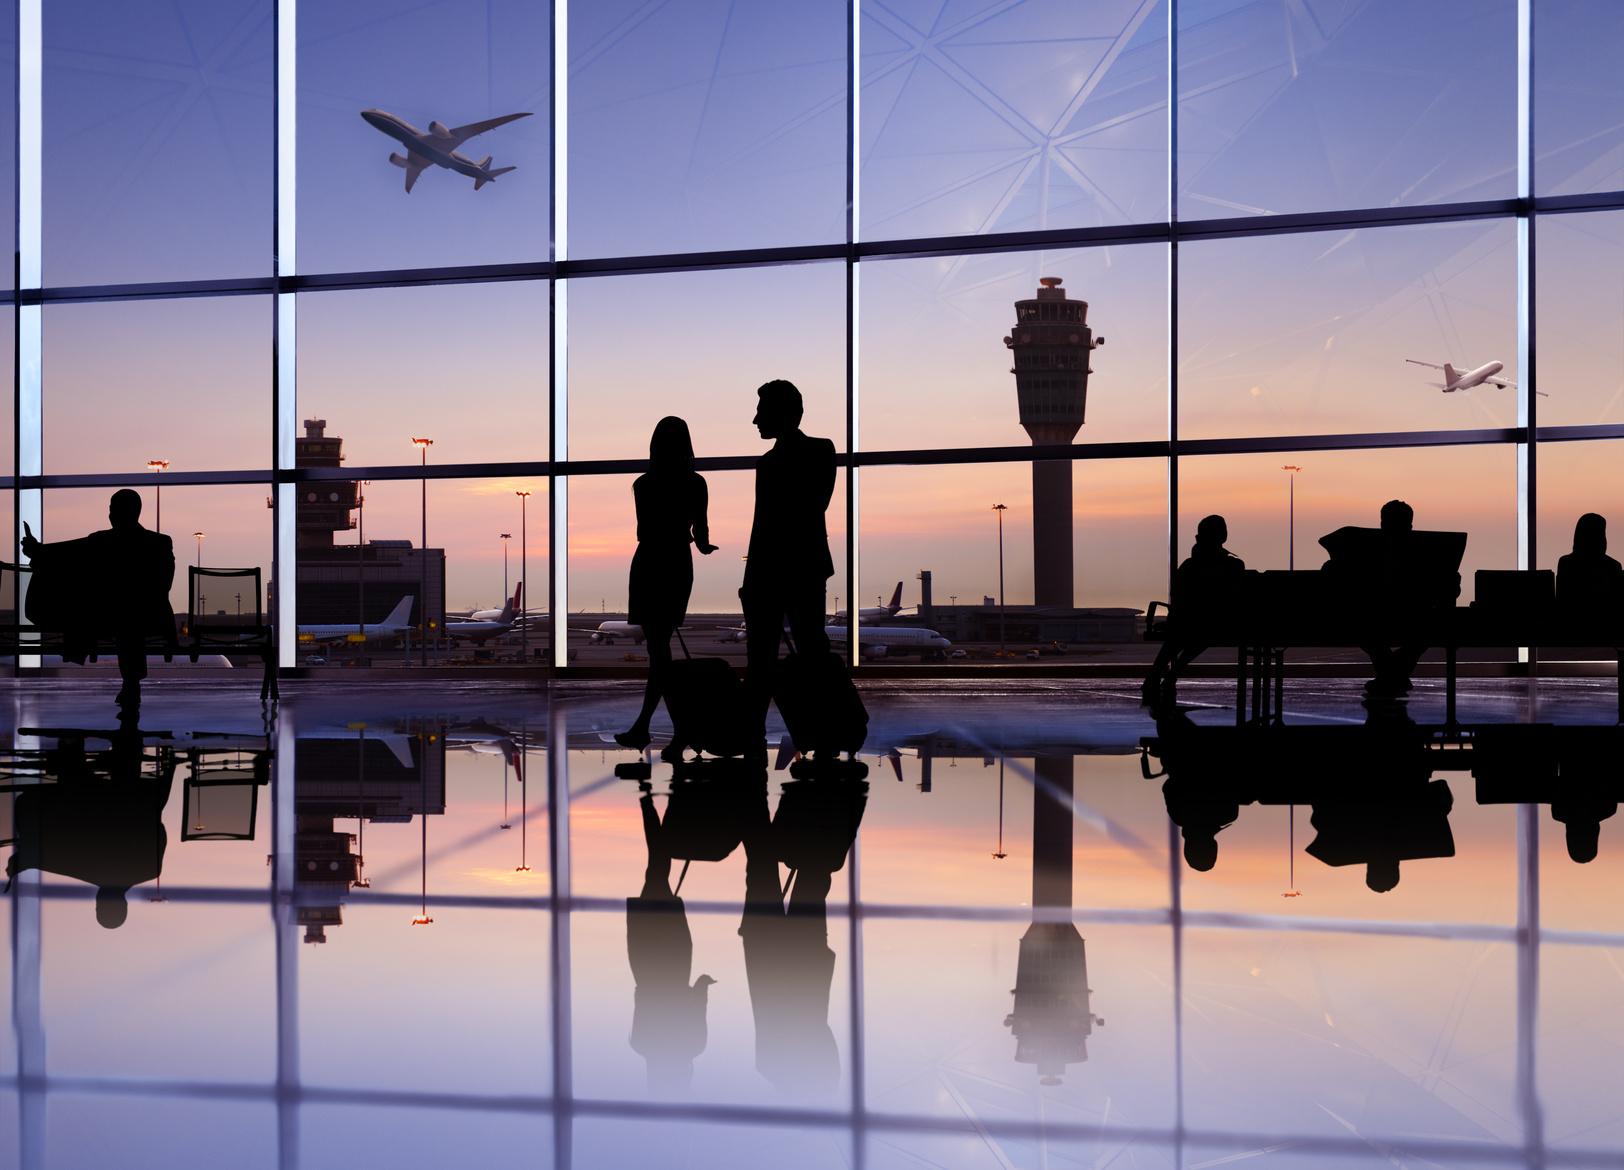 Fotolia_61056929_M-2_Airport